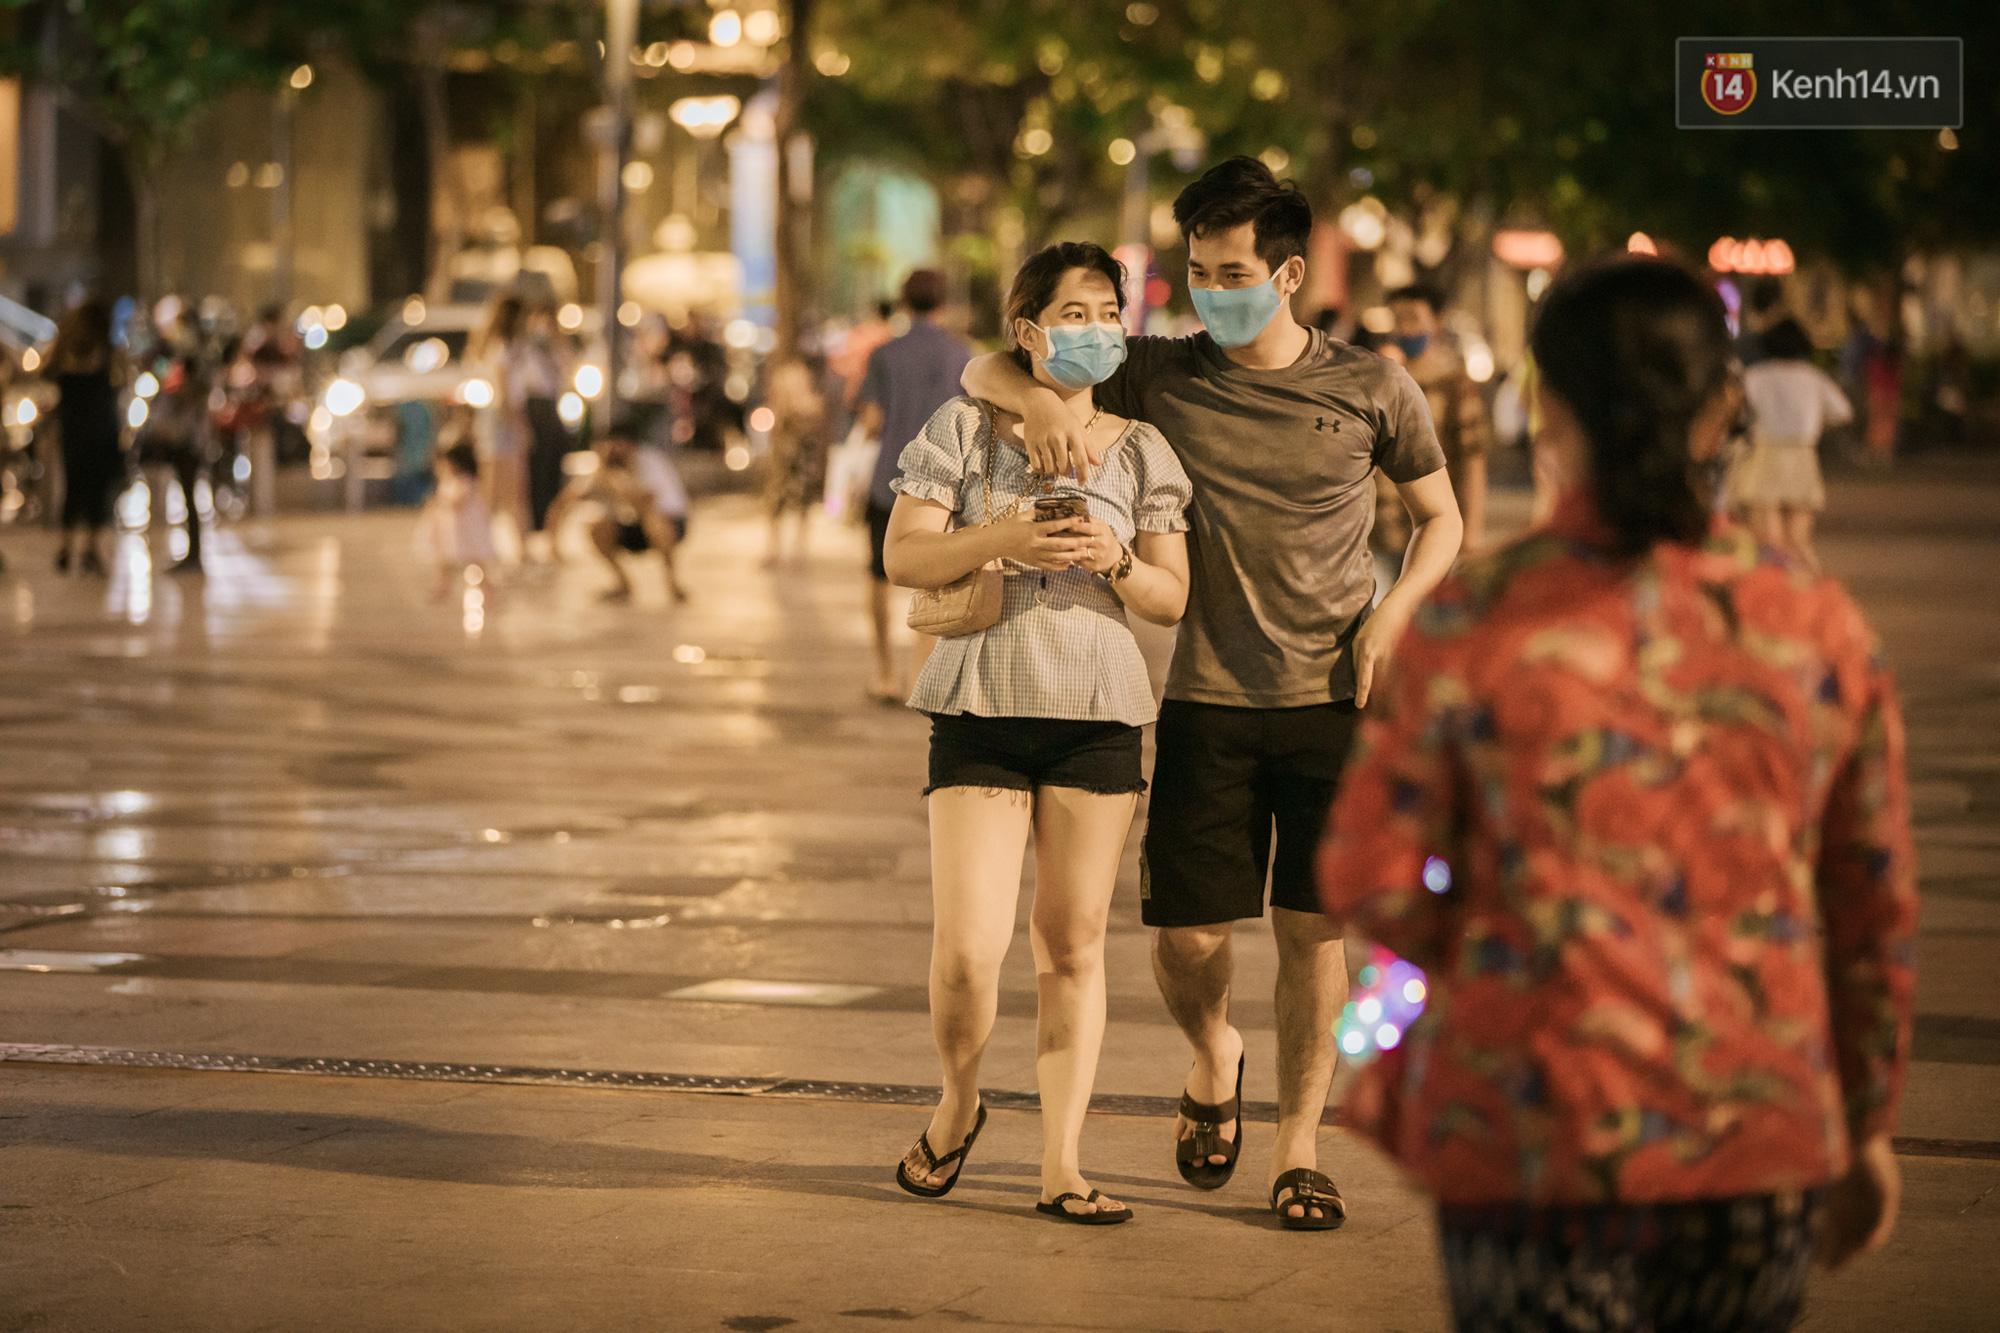 """Sài Gòn nhộn nhịp trong buổi tối nghỉ lễ đầu tiên: Khu vực trung tâm dần trở nên đông đúc, nhiều người lo sợ vẫn kè kè"""" chiếc khẩu trang bên mình-5"""